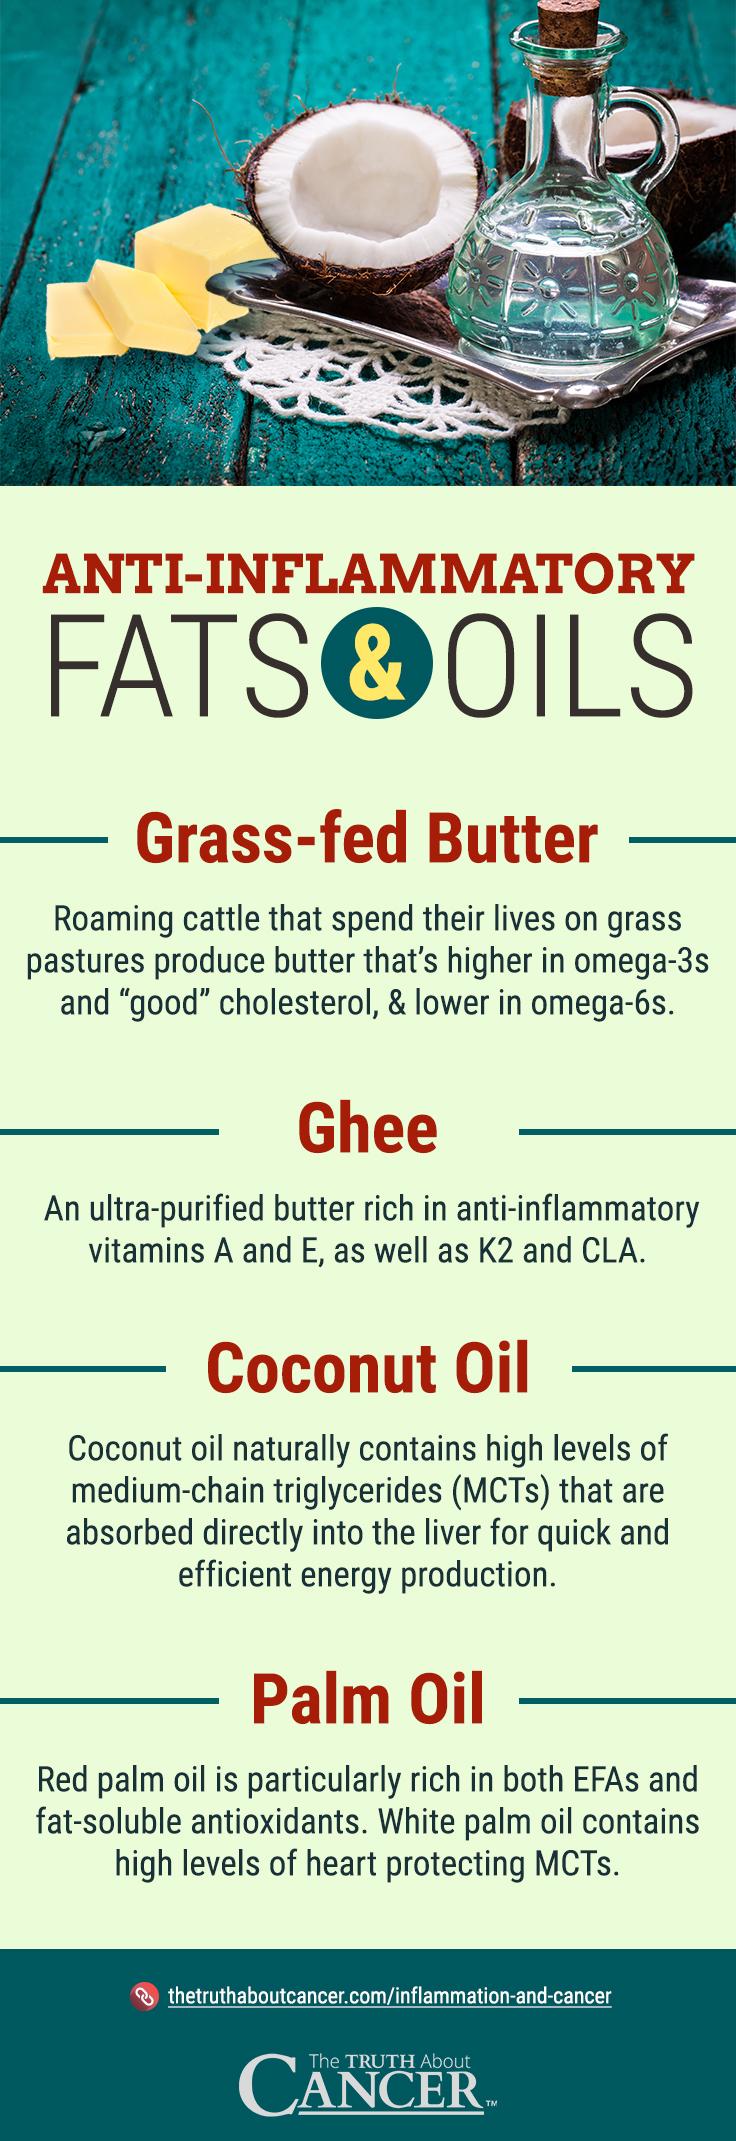 Anti-Inflammatory Fats - Infographic